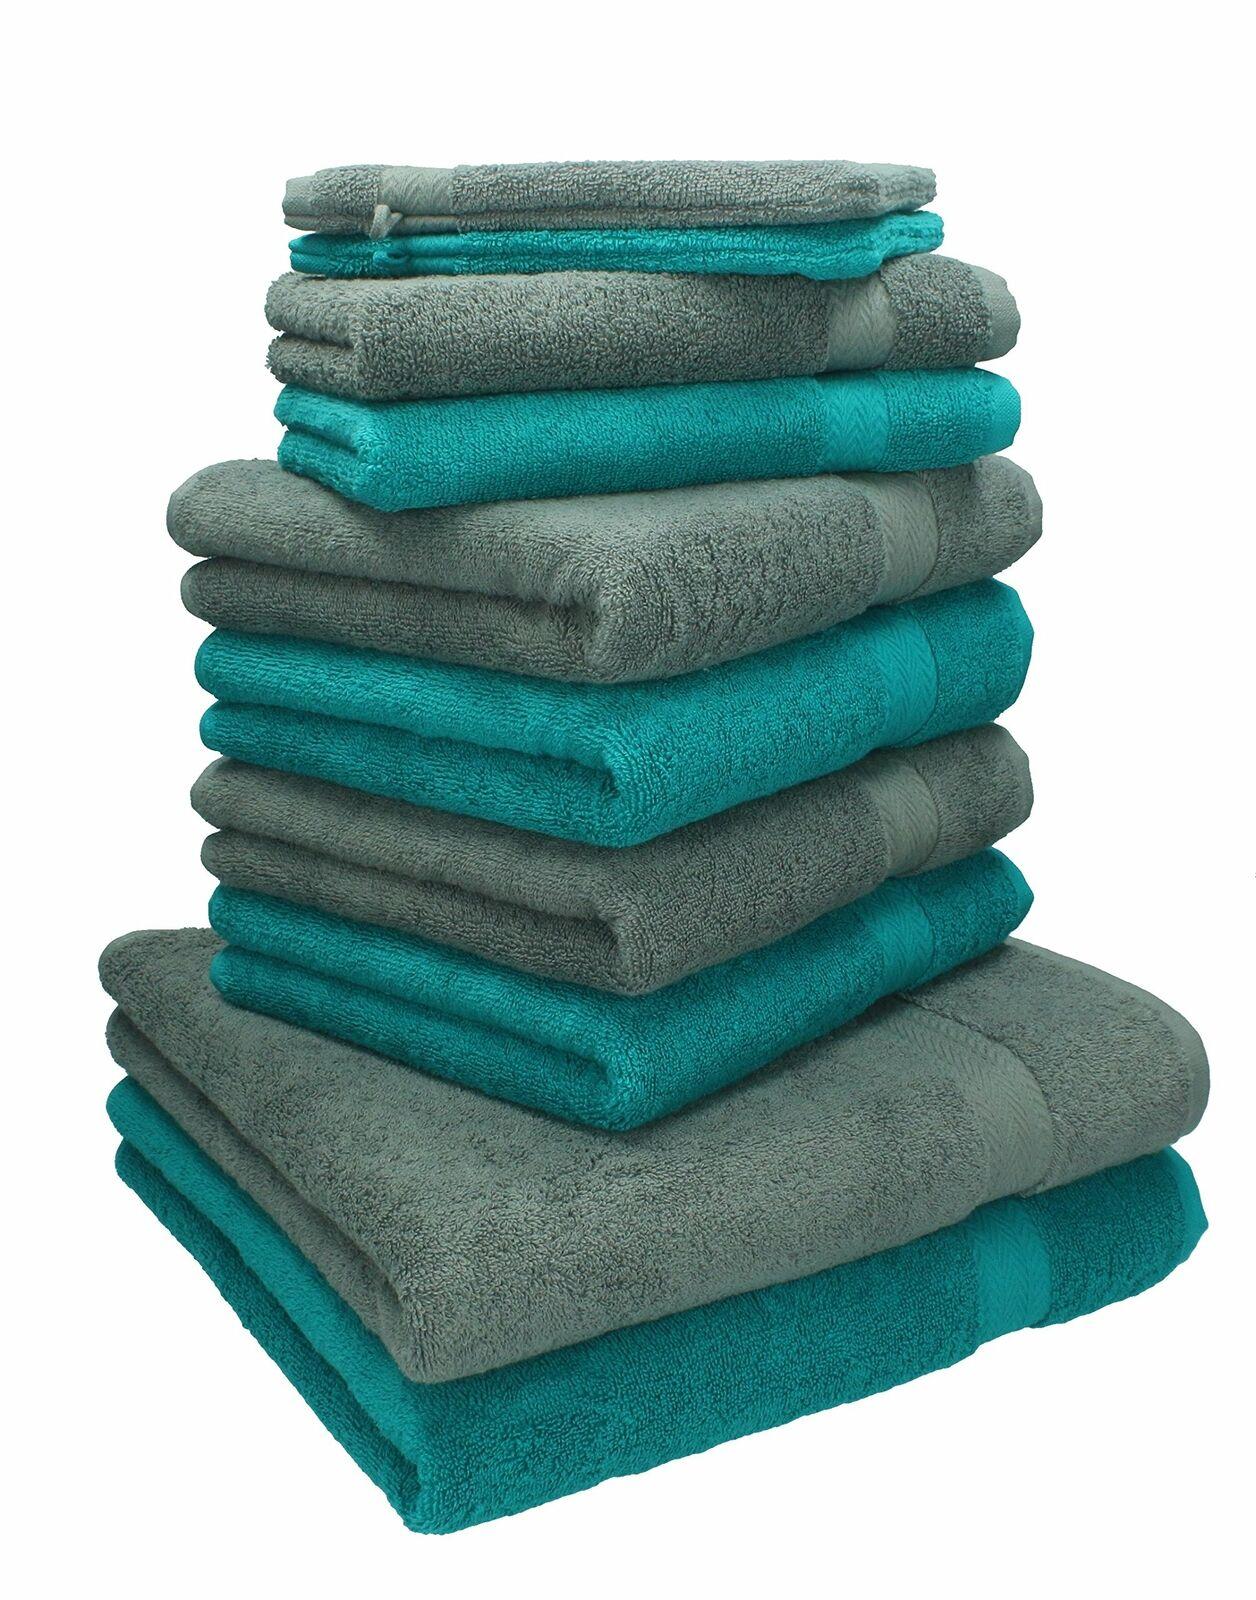 BETZ lot de 10 serviettes set  2 serviettes, draps de bain 4 toilette 2 d'invité